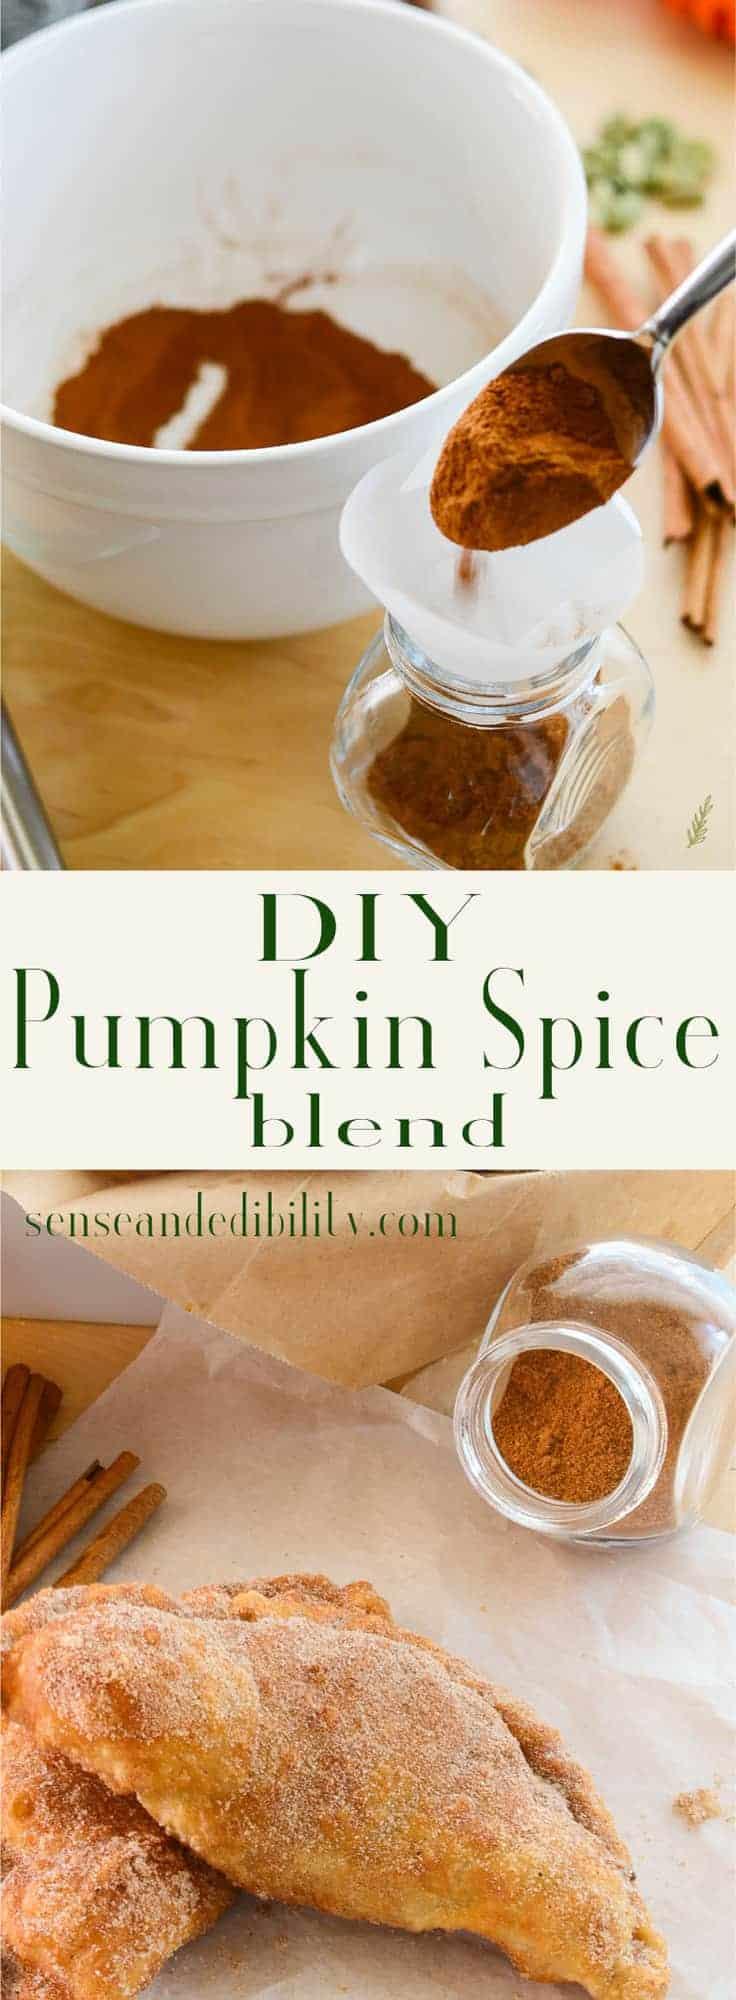 Sense & Edibility's Pumpkin Spice Blend Pin